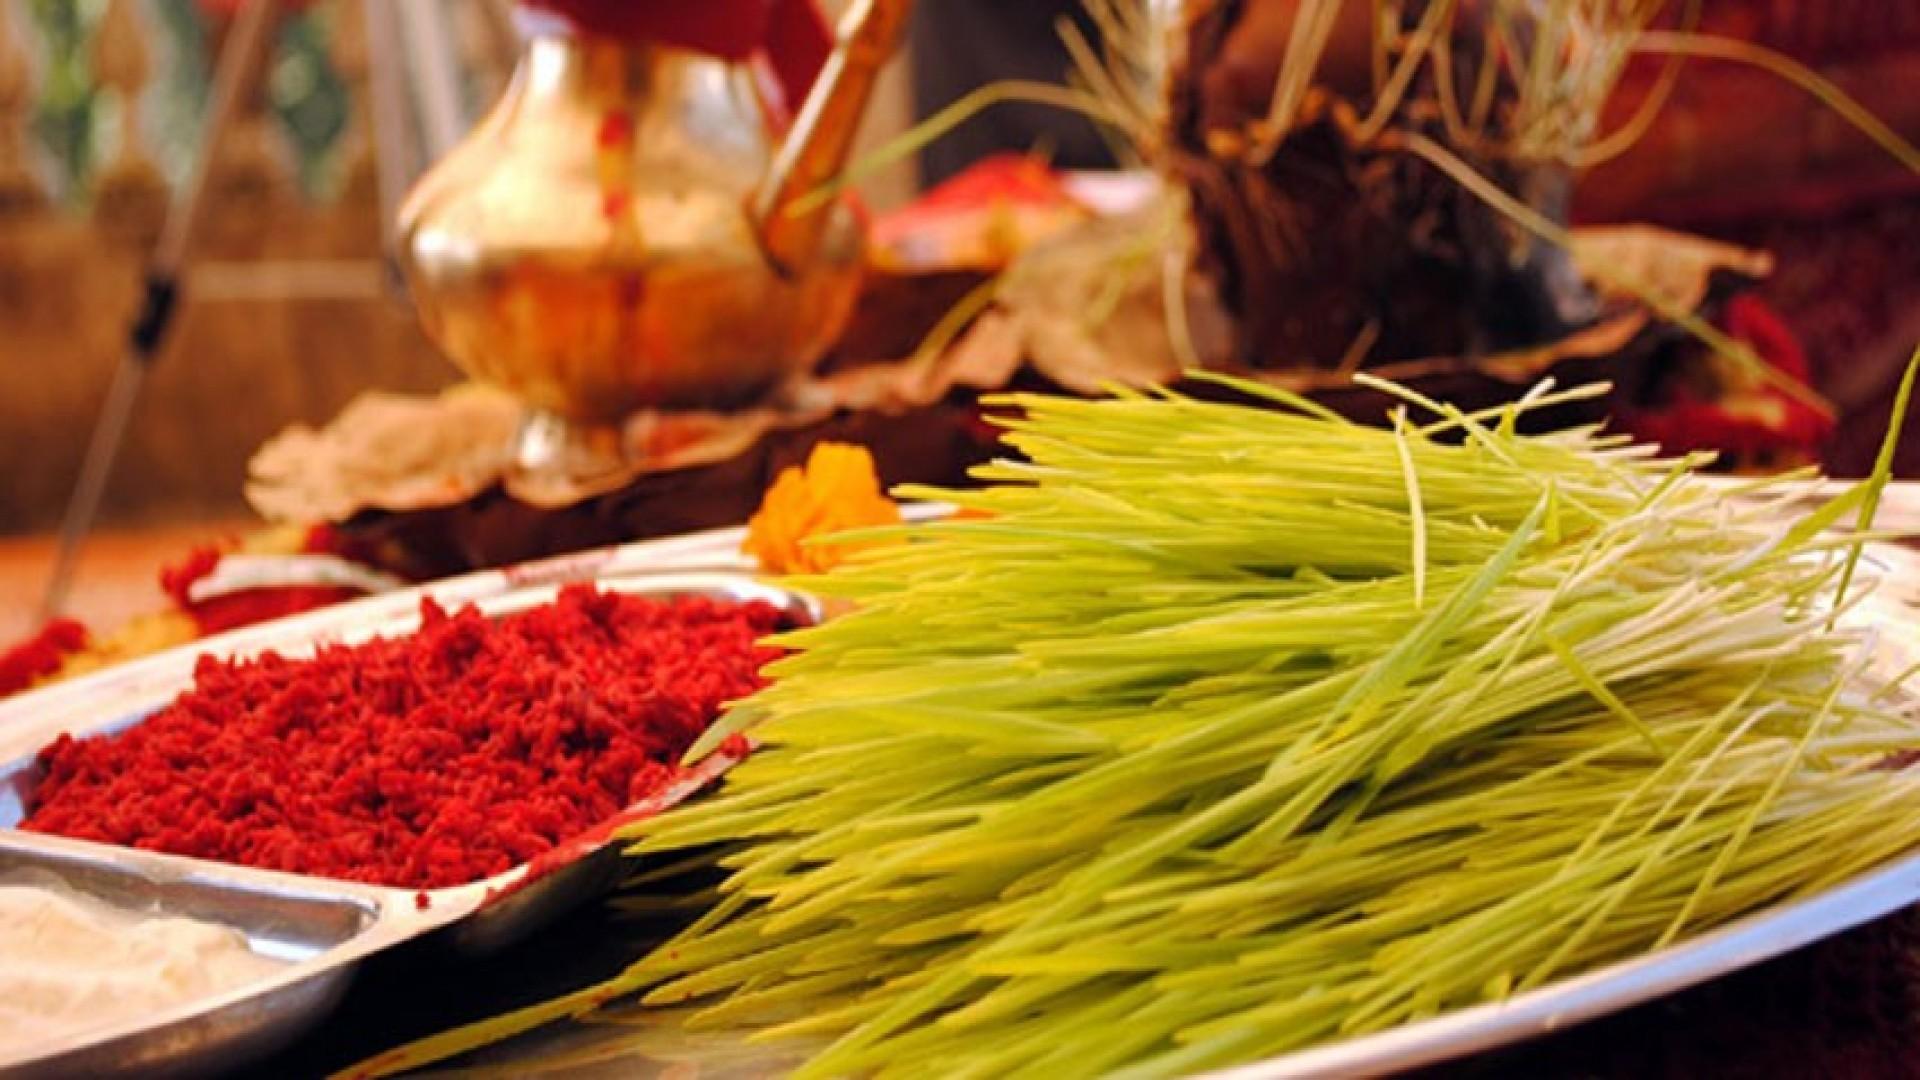 दुर्गा पक्षको अन्तिम दिन, दसैँको टीका र जमरा लगाउने क्रम जारी